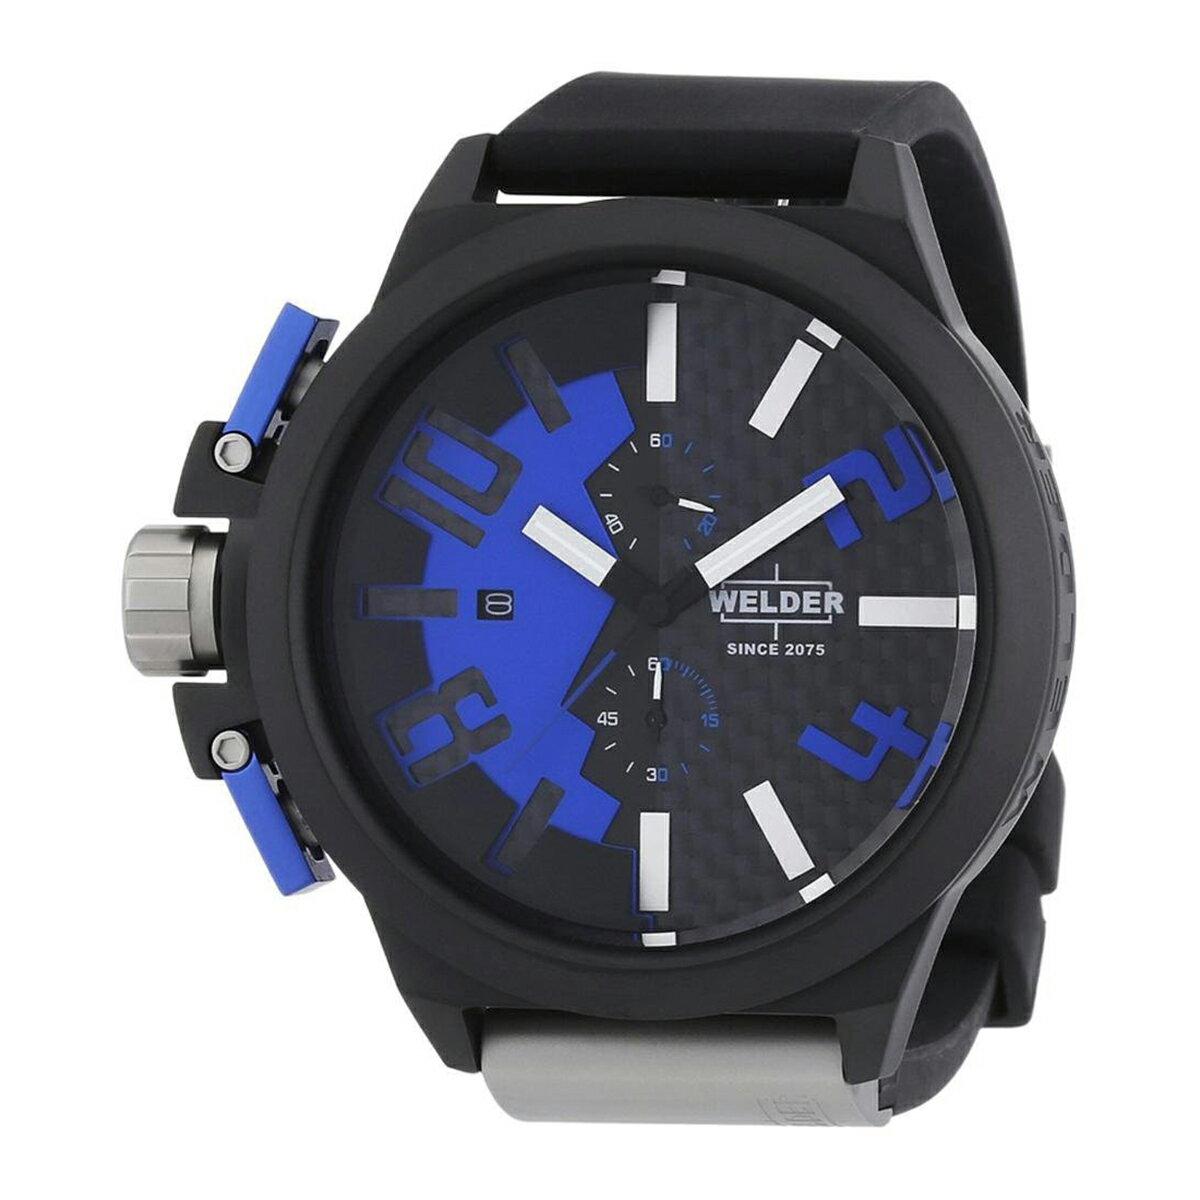 【ポイント10倍】【残り1点】WELDER ウェルダー U-BOAT ユーボート クォーツ 腕時計 メンズ おしゃれ [K35-W2503] 並行輸入品 メーカー保証24ヵ月 純正ケース付き